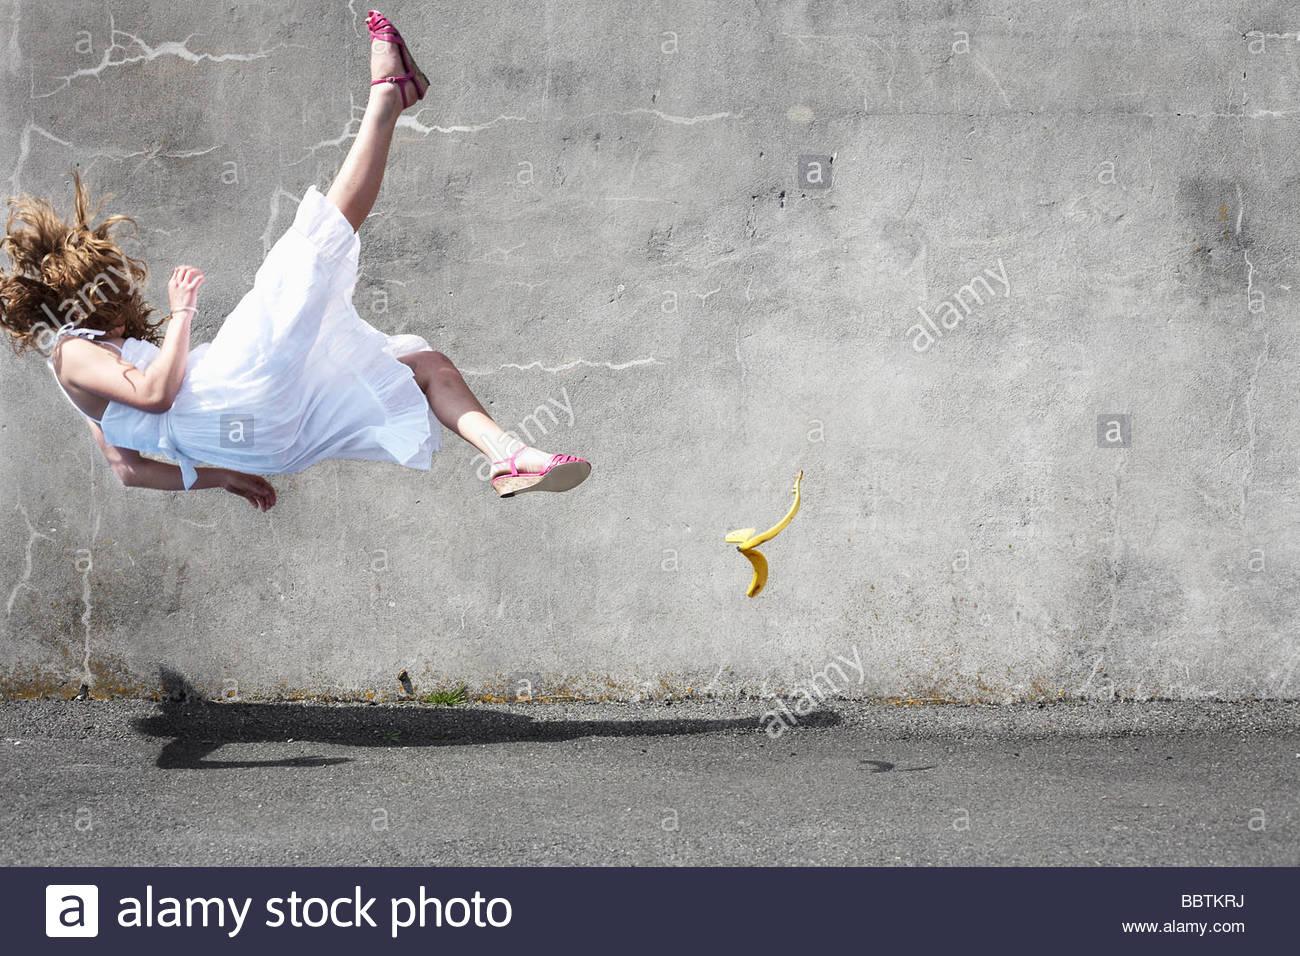 Fille de glisser sur une banane Photo Stock